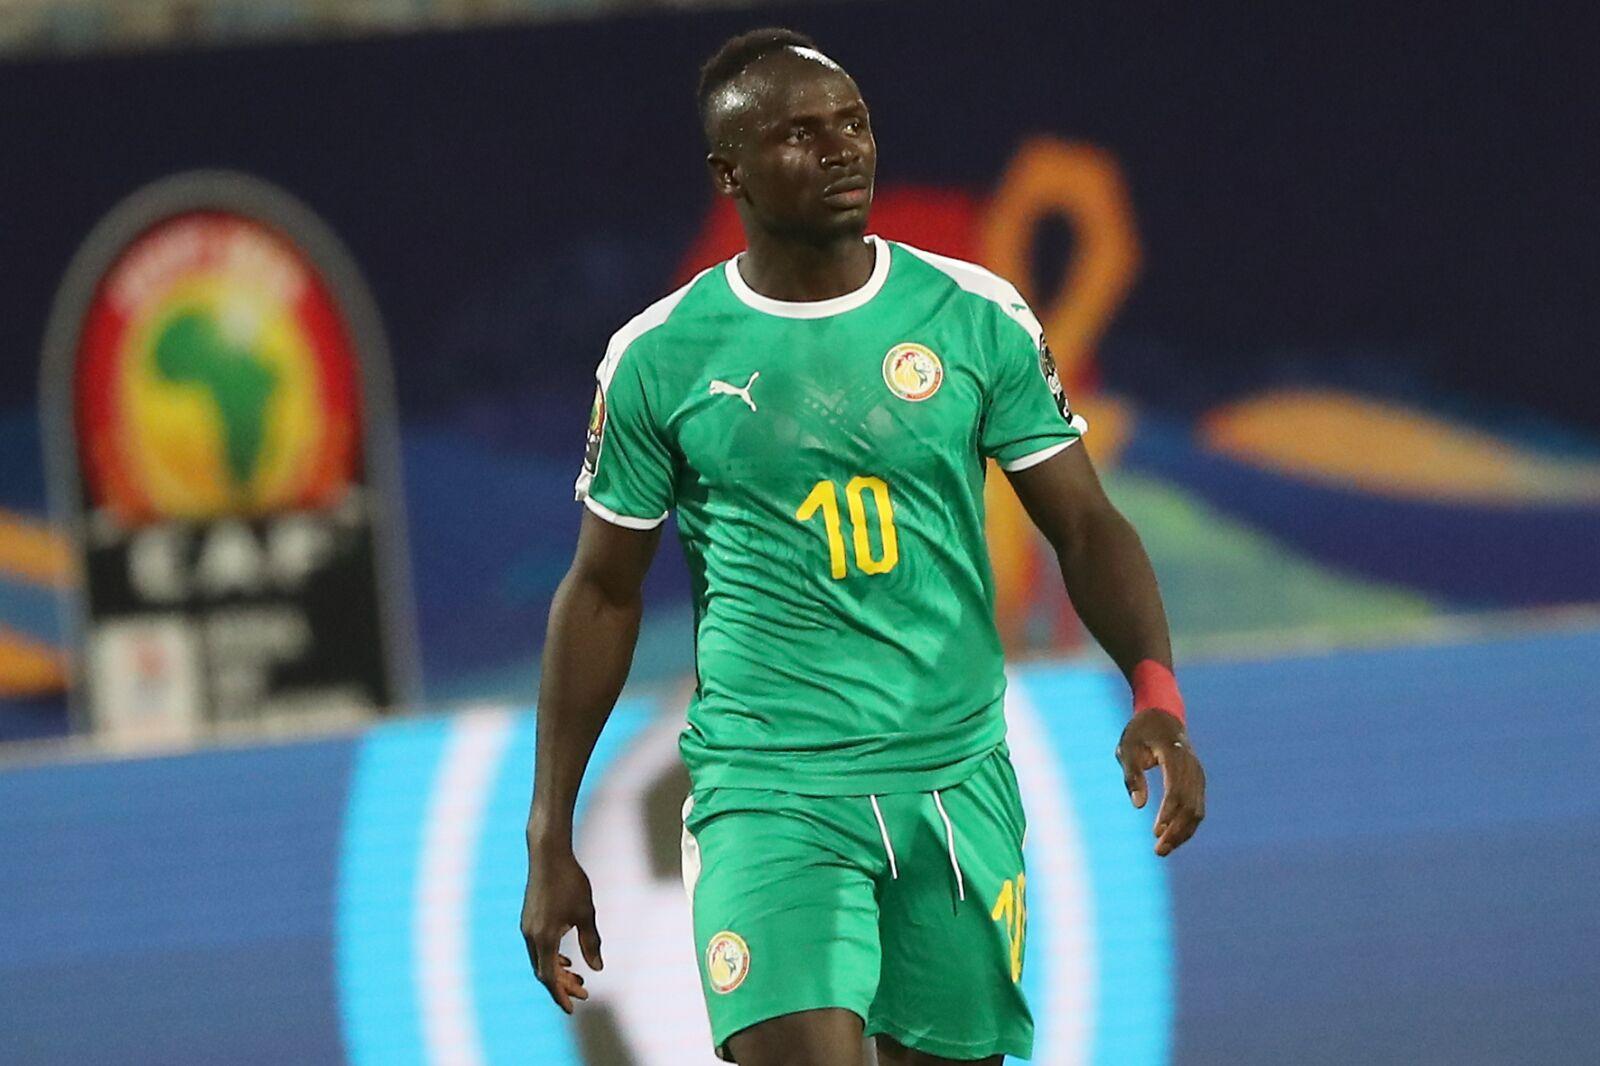 Liverpool to start season without star winger Sadio Mane